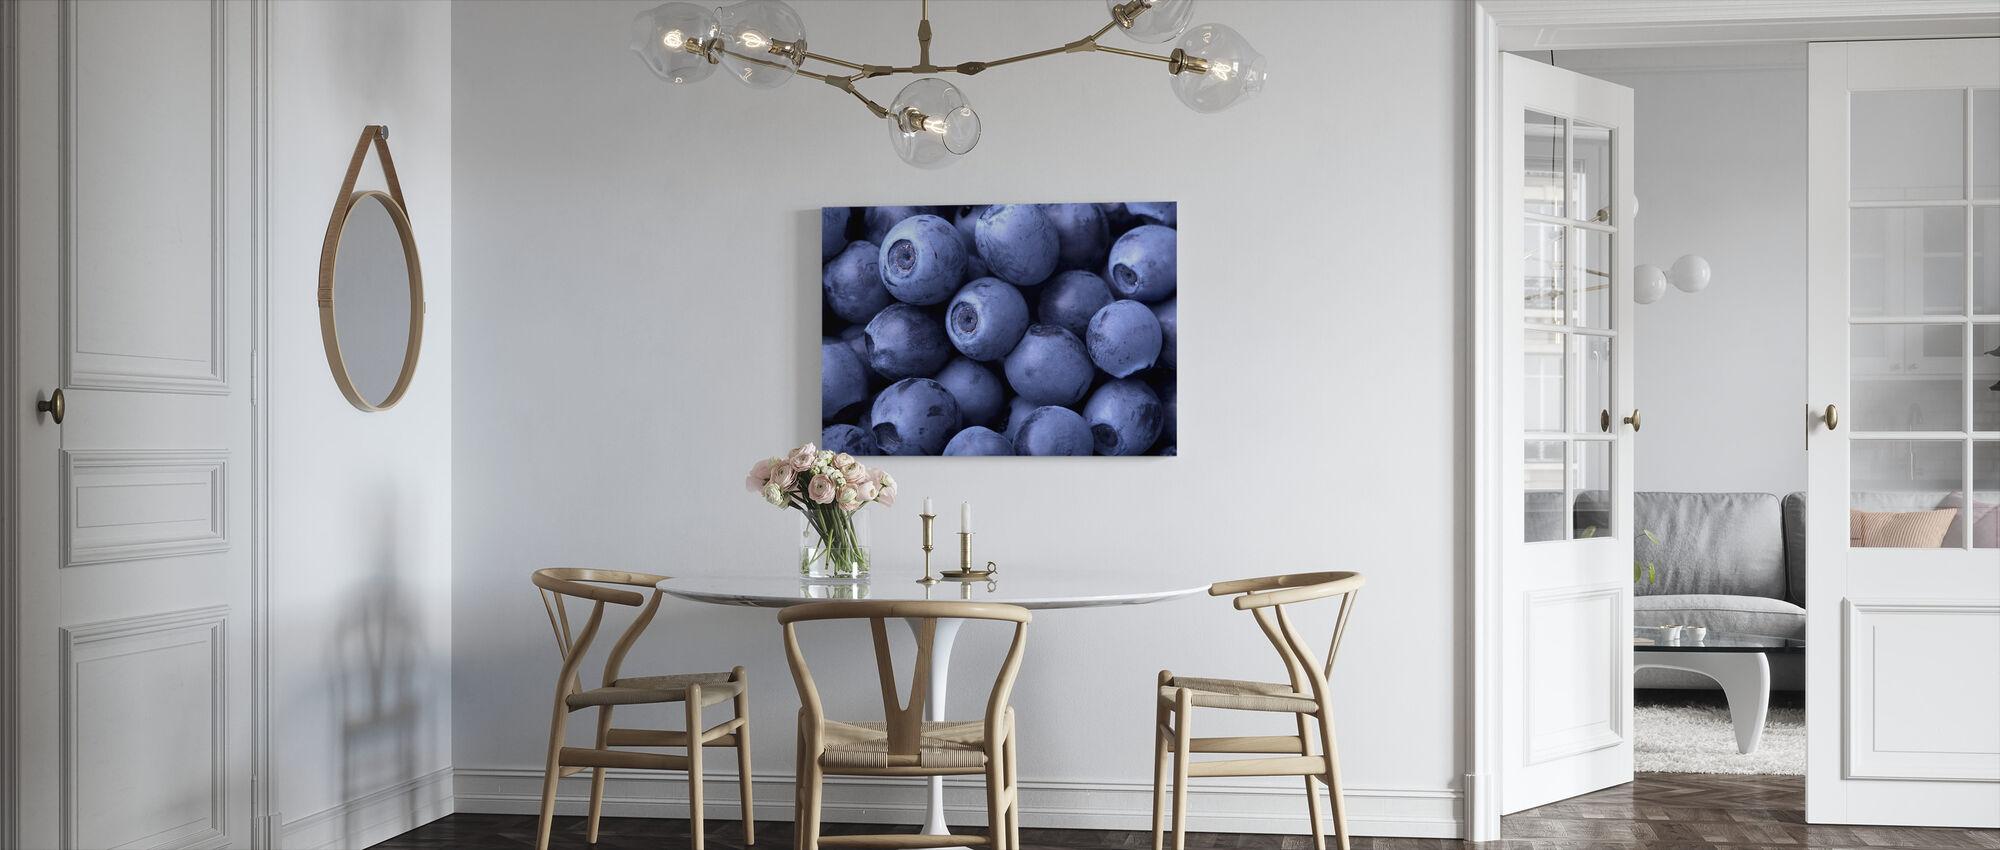 Blueberries - Canvas print - Kitchen